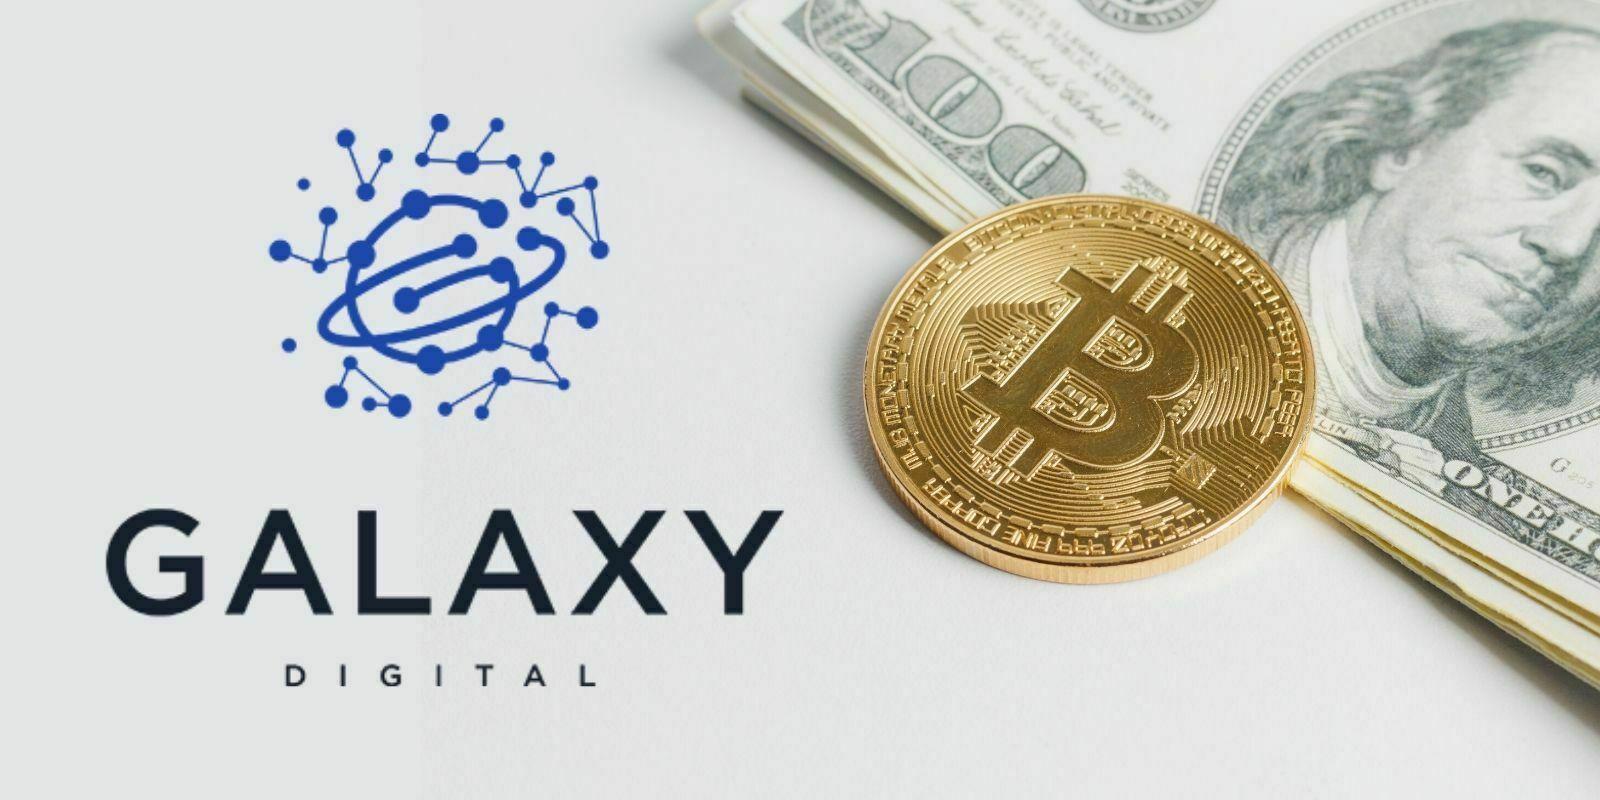 Galaxy Digital lance deux fonds Bitcoin avec Bakkt et Fidelity comme dépositaires